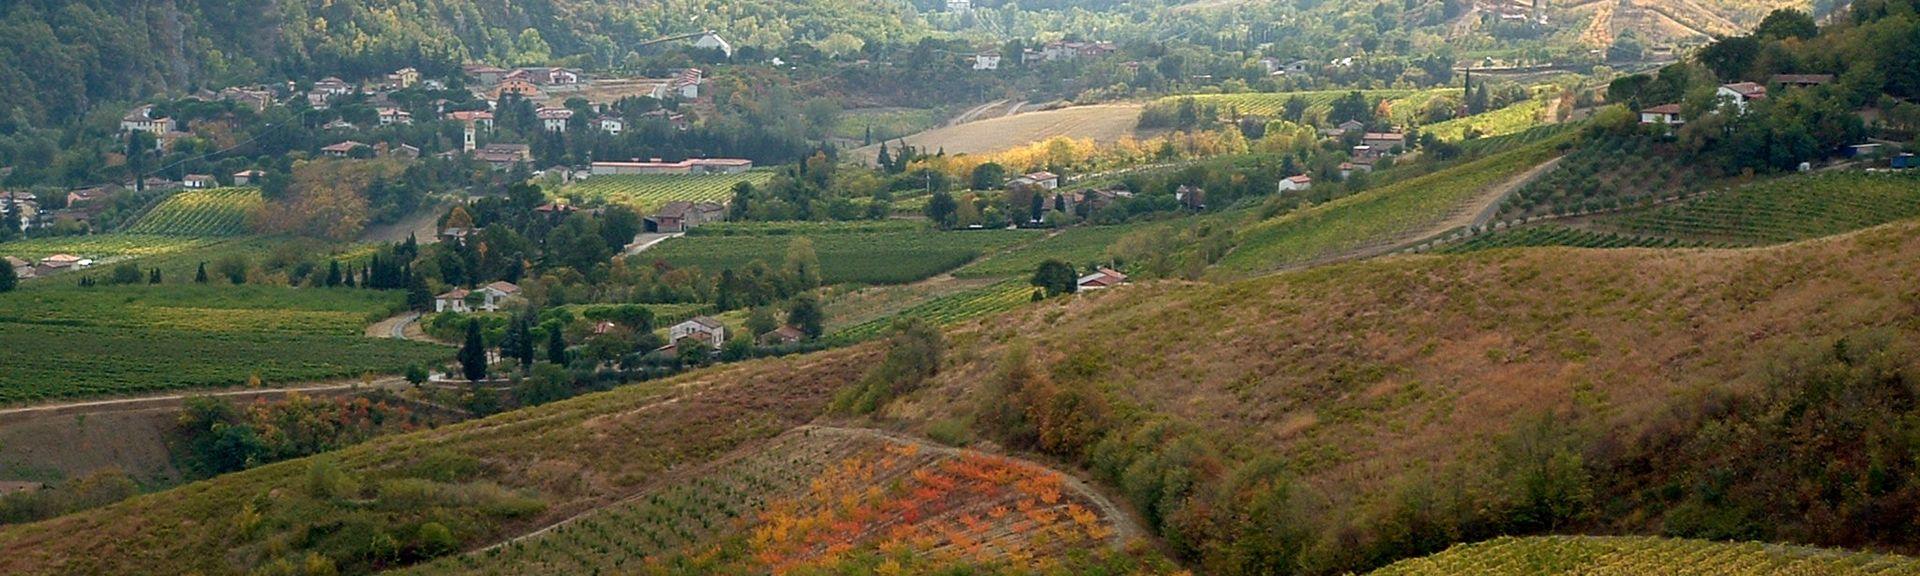 Modigliana, Emilia-Romagna, Italia